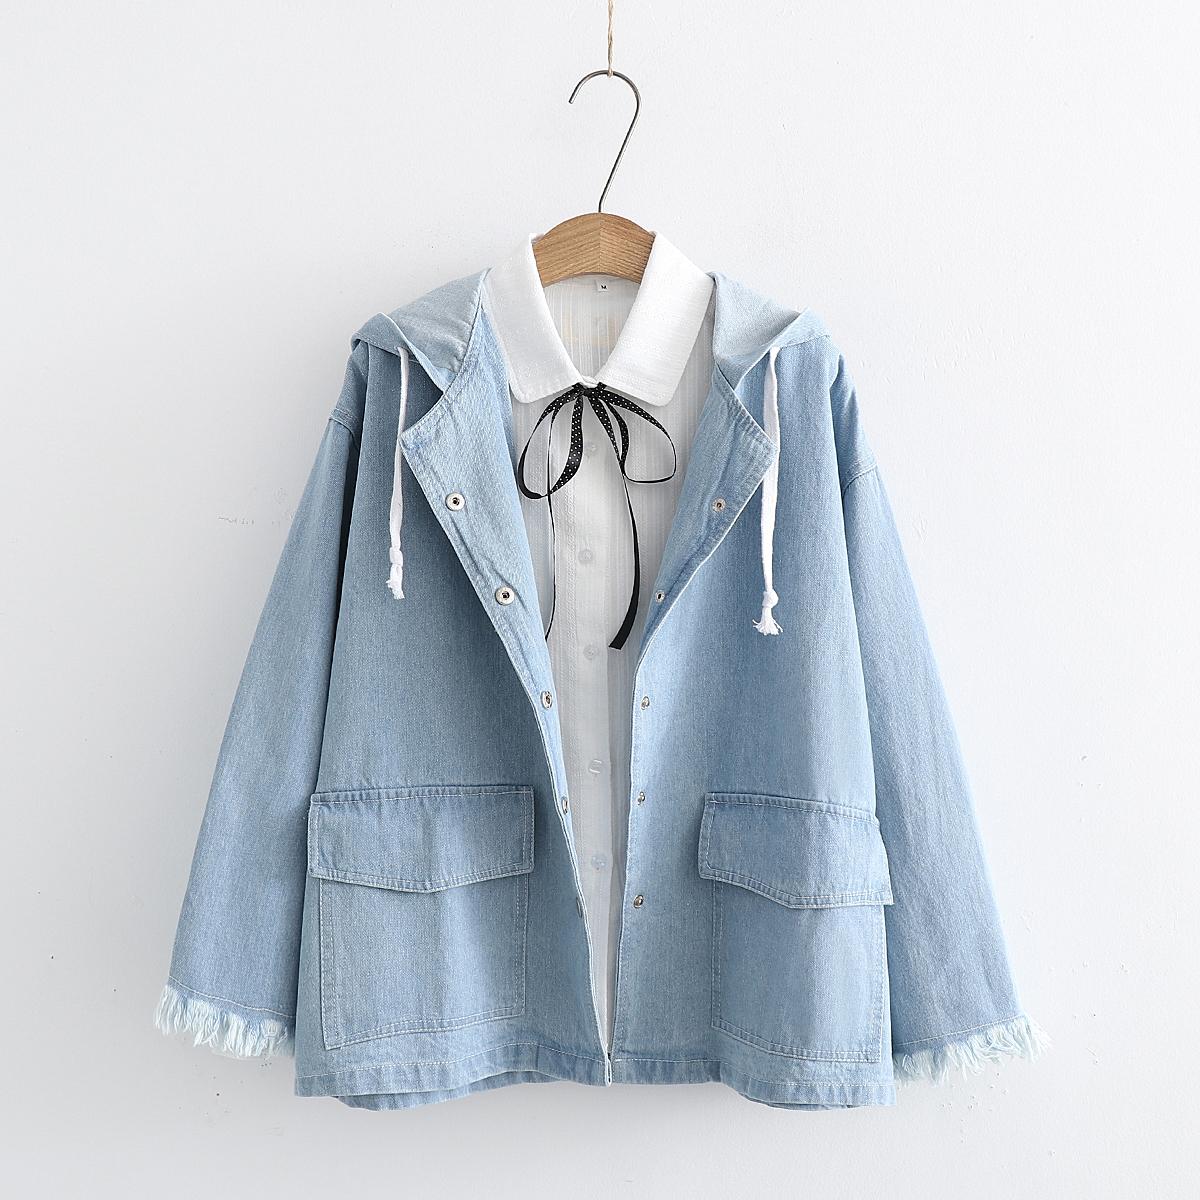 2018春装新款女装日系童趣风学生宽松毛边袖牛仔衫 大口袋外套